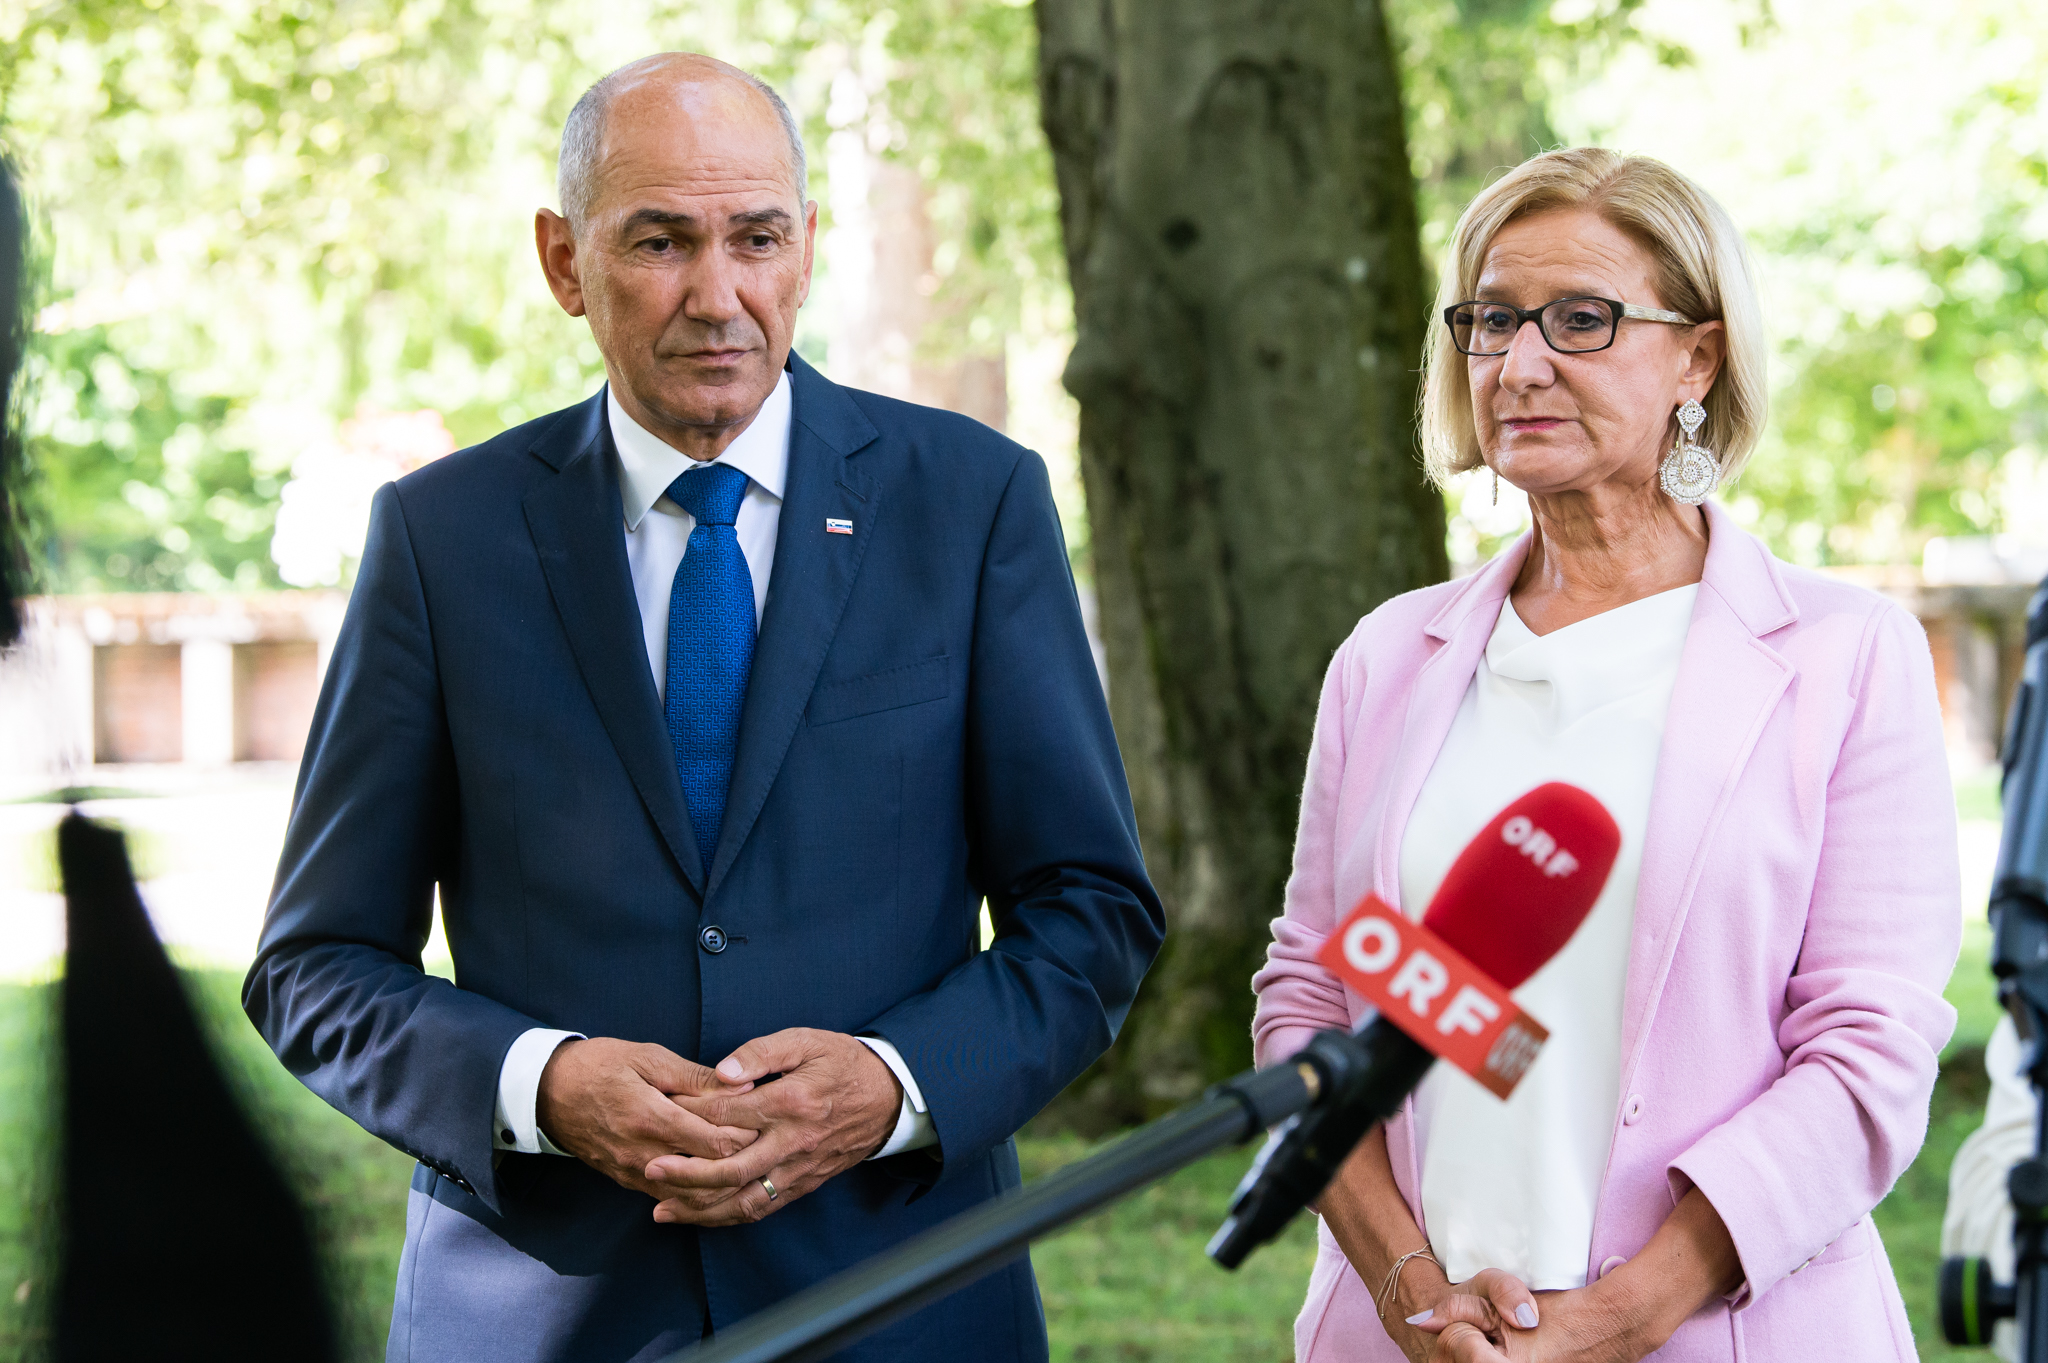 Predsednik vlade Janez Janša na delovnem kosilu z deželno glavarko Spodnje Avstrije mag. Johanno Mikl-Leitner